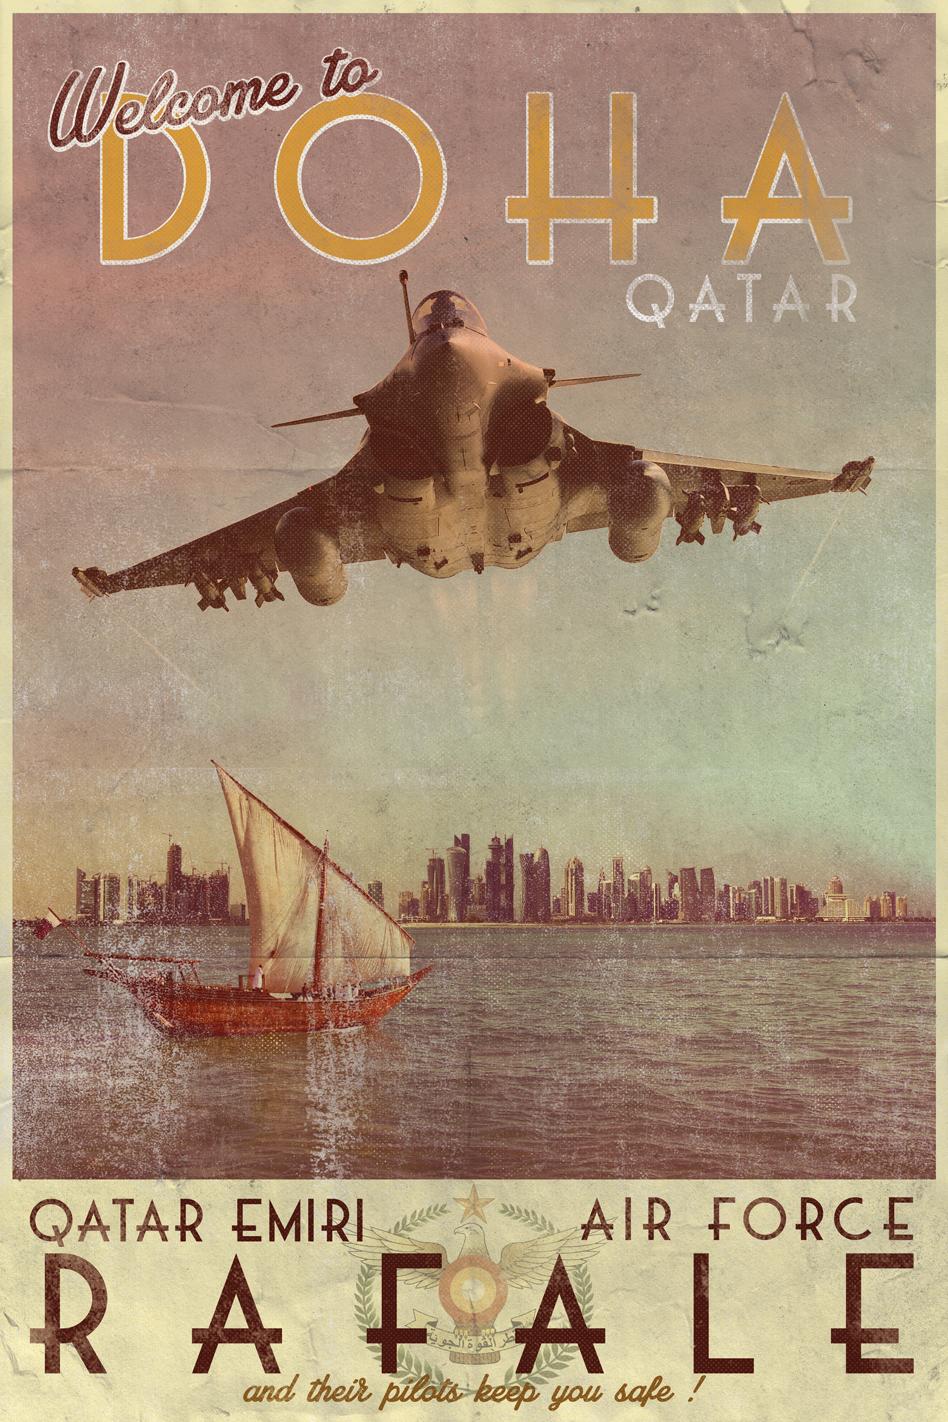 poster-rafale-qatar-emiri-air-force.jpg